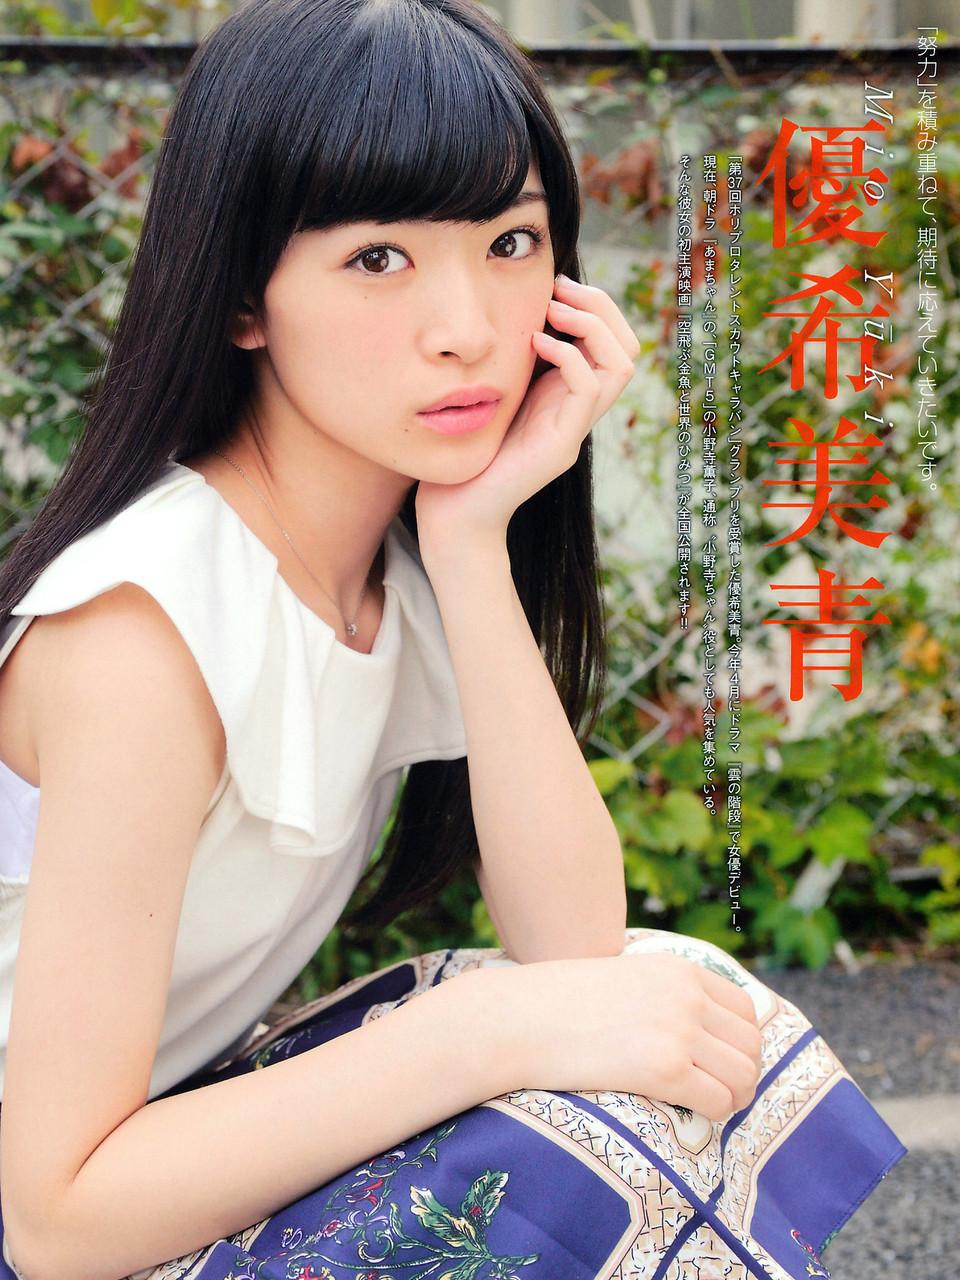 Mio Yuki 優希美青 Photos 7